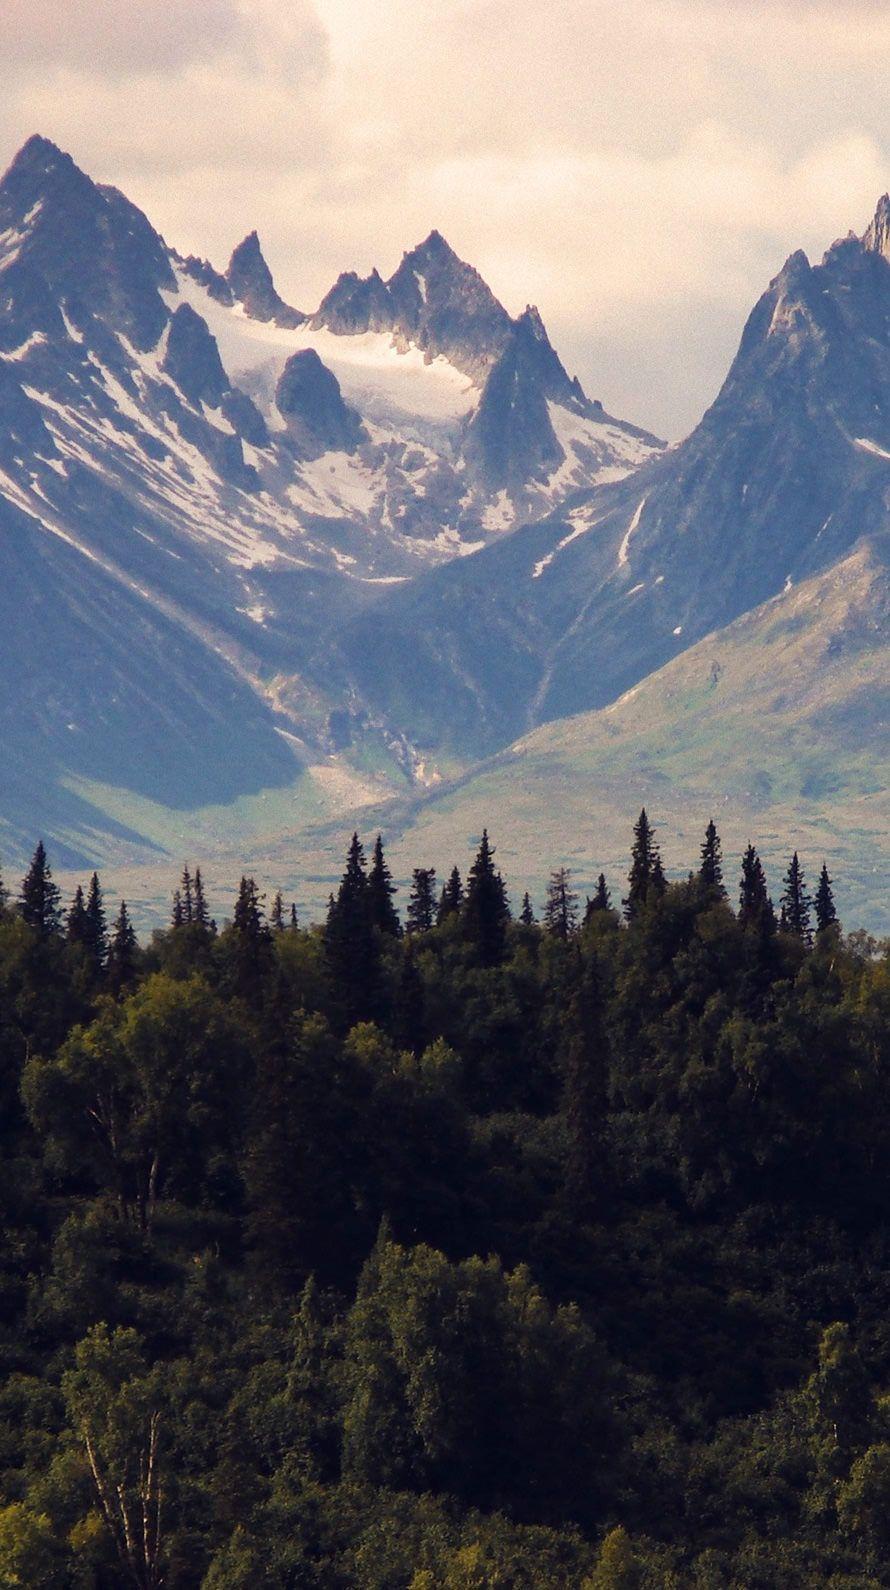 Ahhh Mountains Mountain Landscape Photography Landscape Landscape Wallpaper